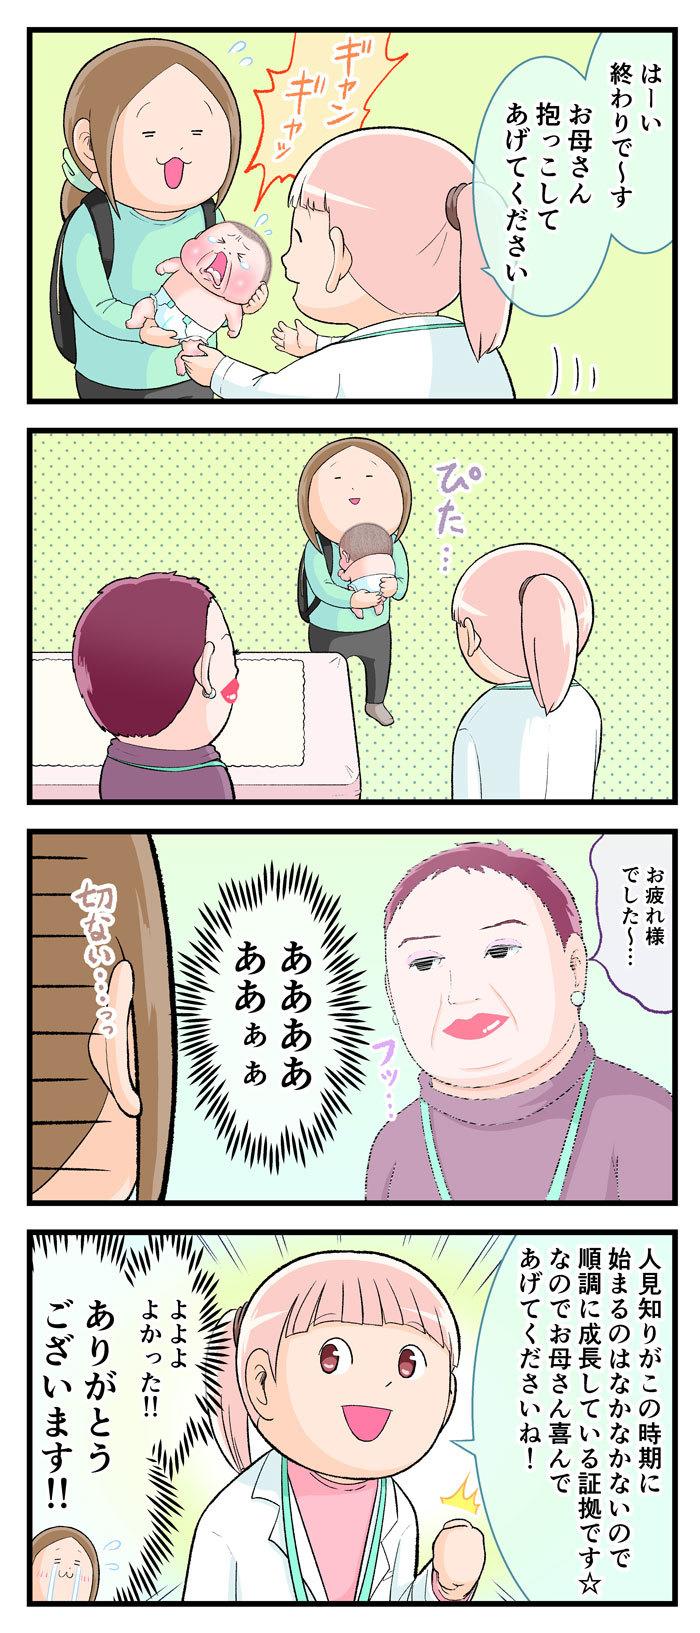 4ヶ月健診で息子にギャン泣きされた看護師さん…そりゃそんな顔なるわ!(笑)の画像4